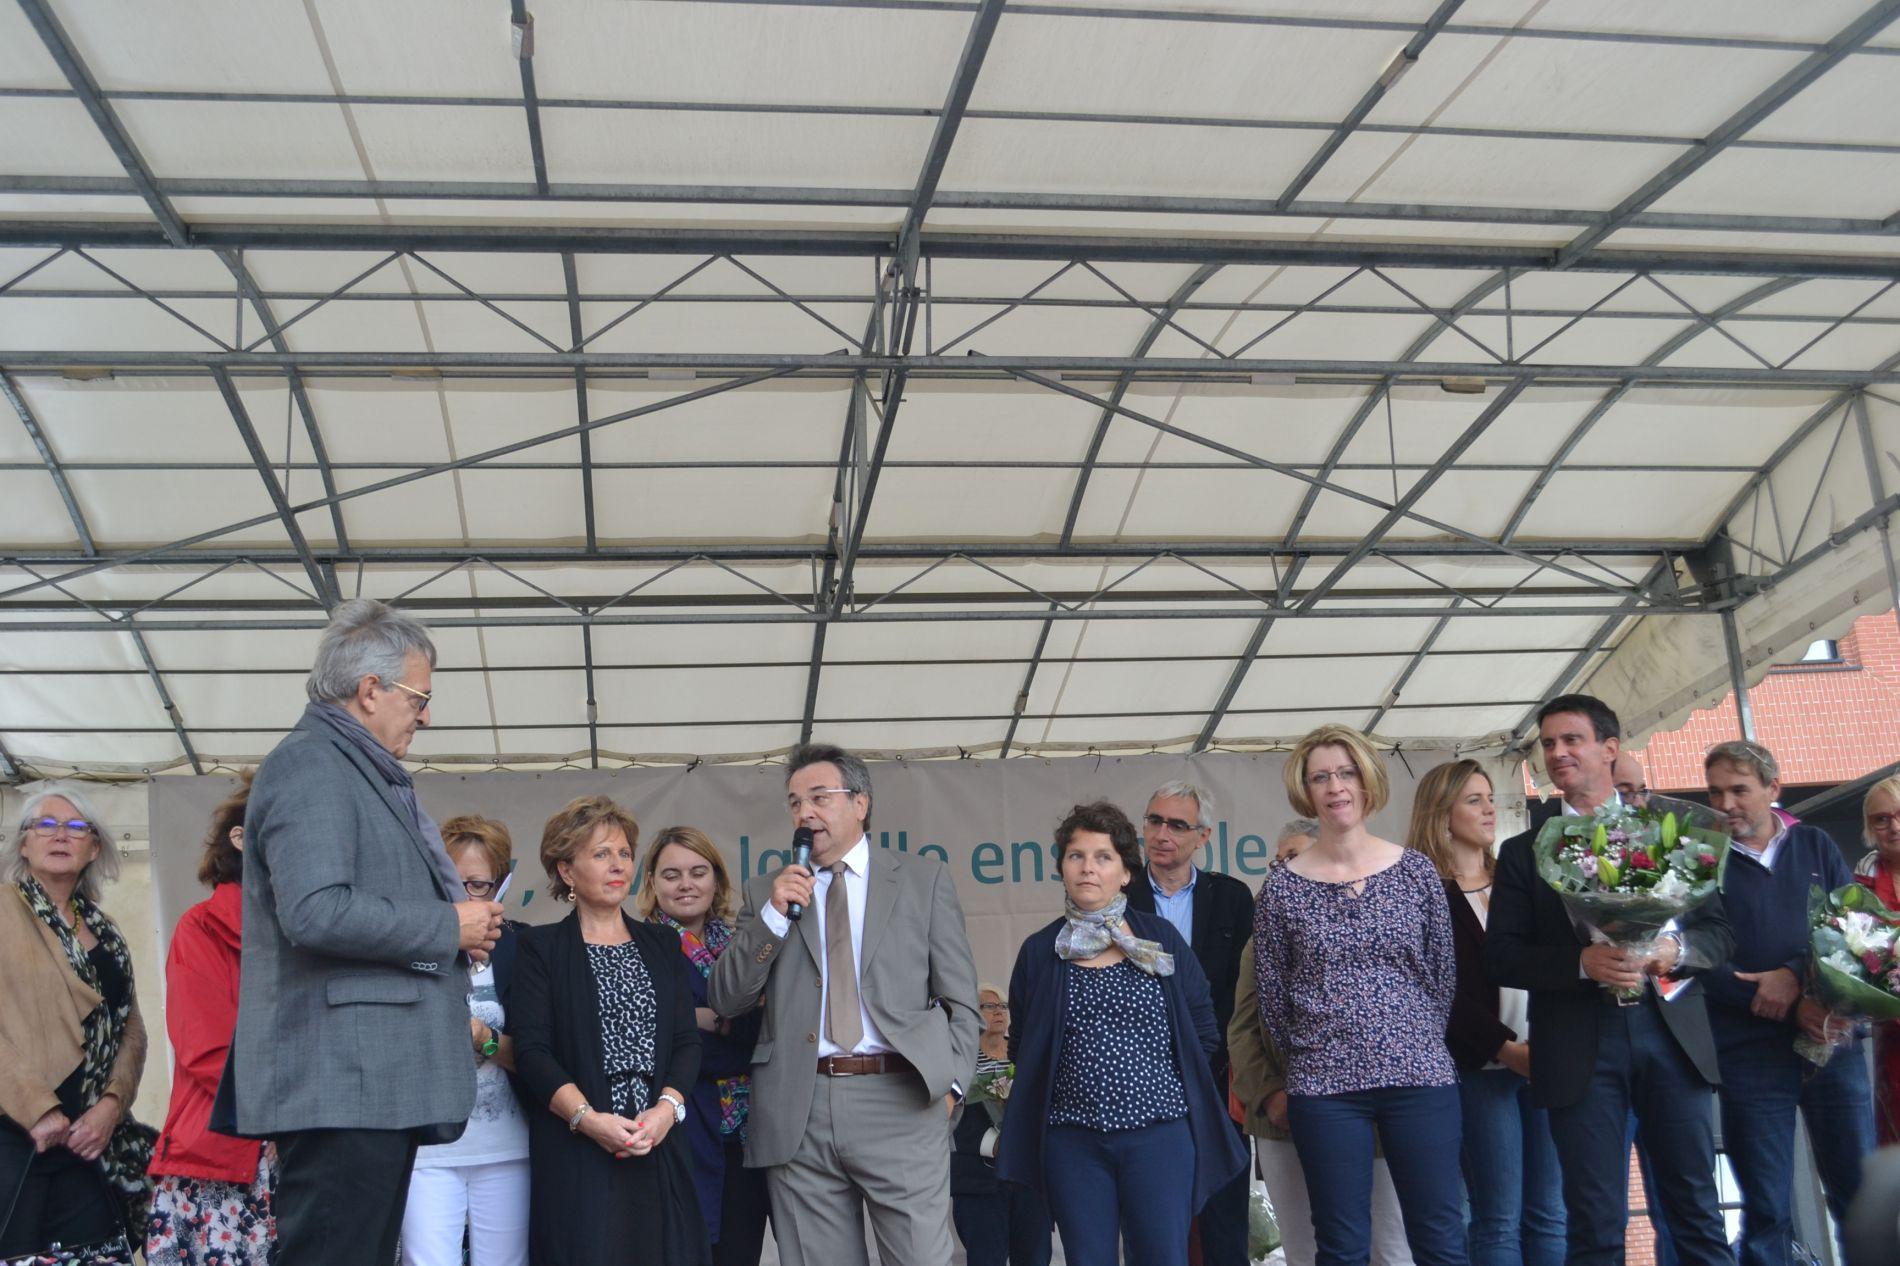 L'Association Parentalité Douce distinguée par la Mairie d'Evry